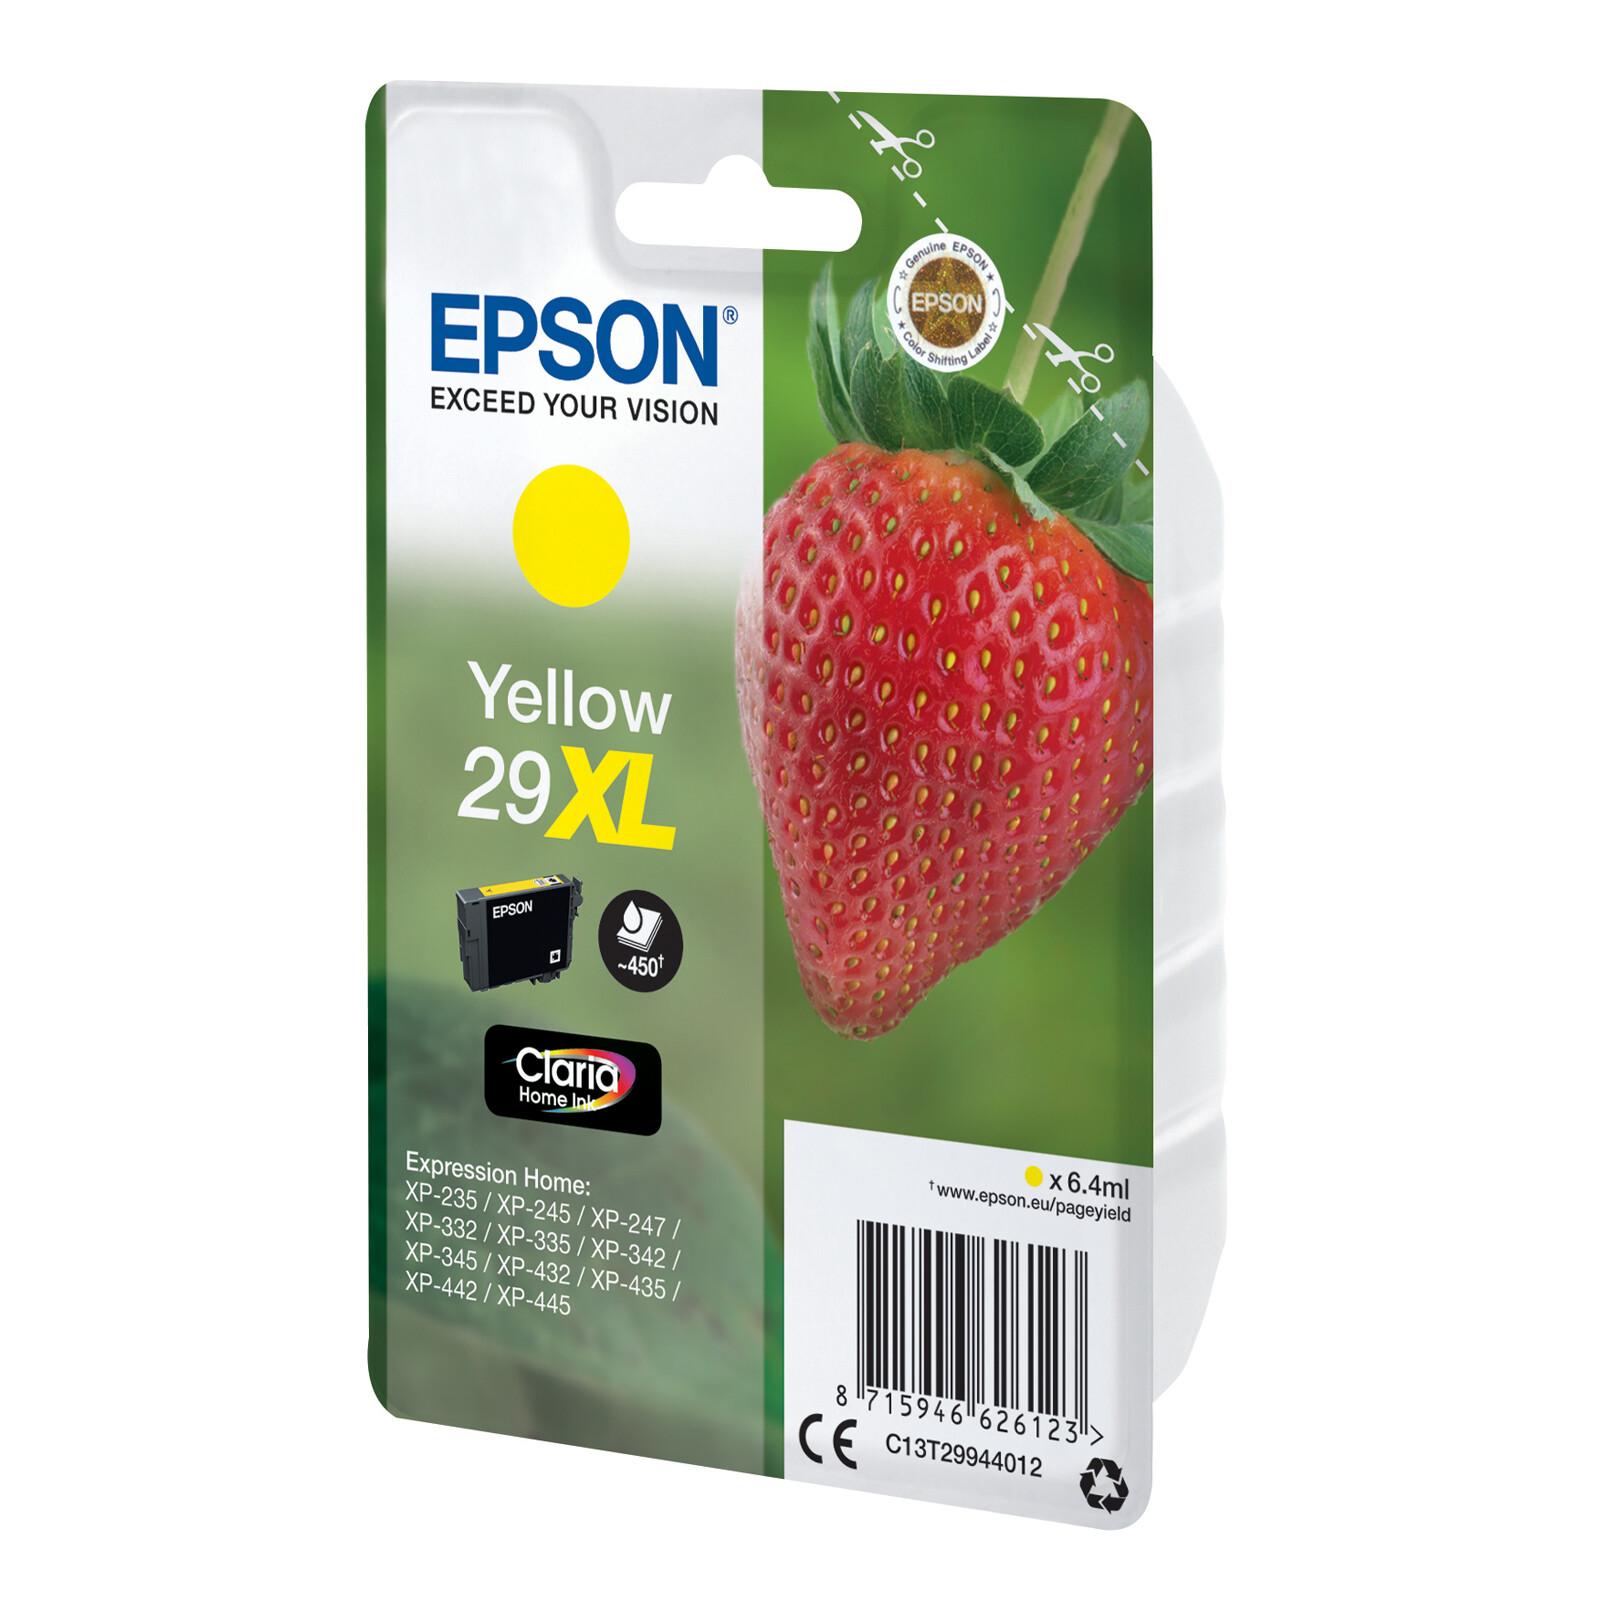 Epson 29XL T2994 Tinte Yellow 6,4ml